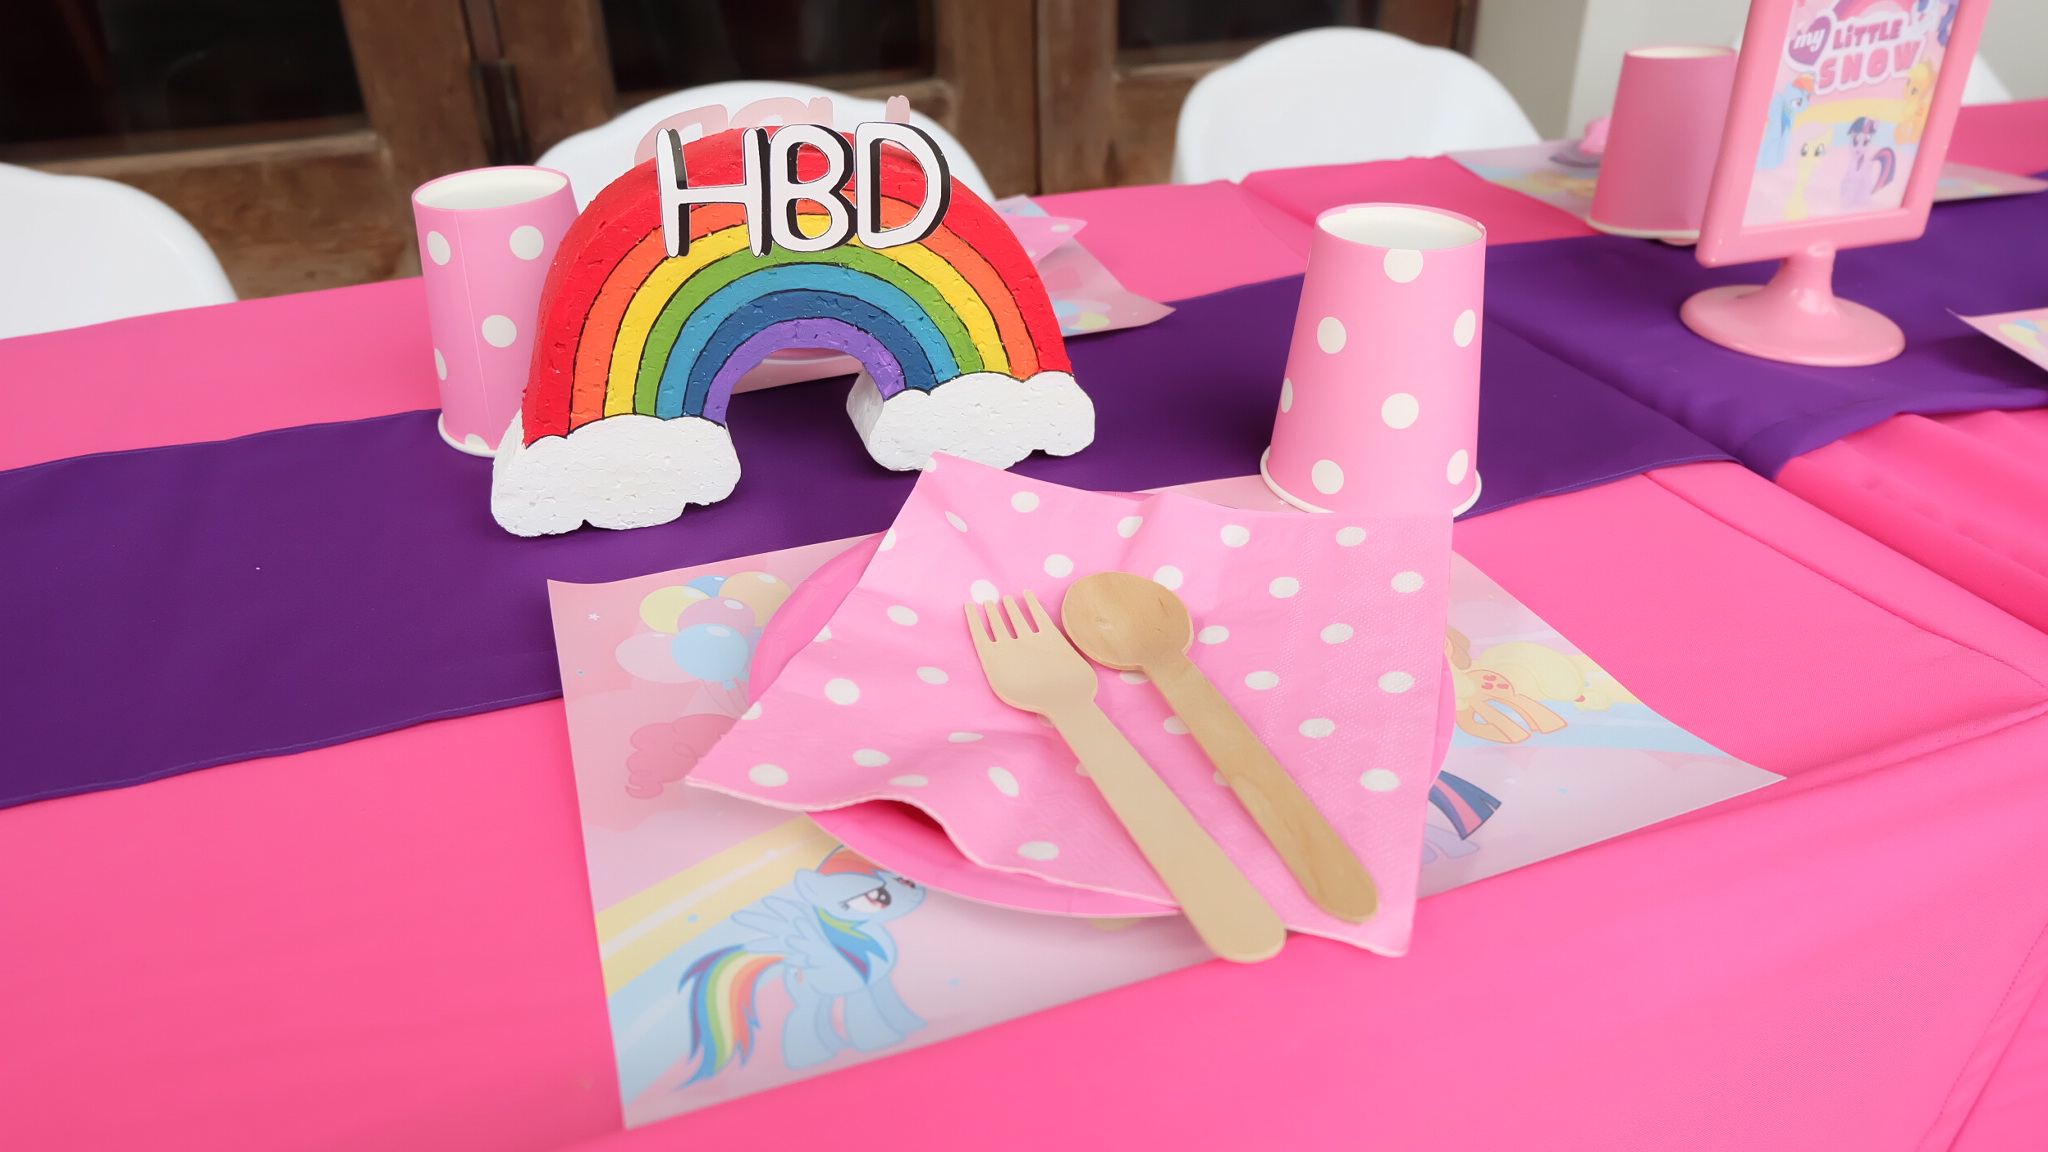 ปาร์ตี้วันเกิดน้องโสน ลูกสาวคุณมอส ปฏิภาณ ในธีม My Little Pony ตกแต่งด้วยพร็อพน่ารักๆ แบคดรอป ลูกโป่ง โต๊ะเด็กๆ บรรยากาศปาร์ตี้อบอุ่นพร้อมกิจกรรมแสนสนุก